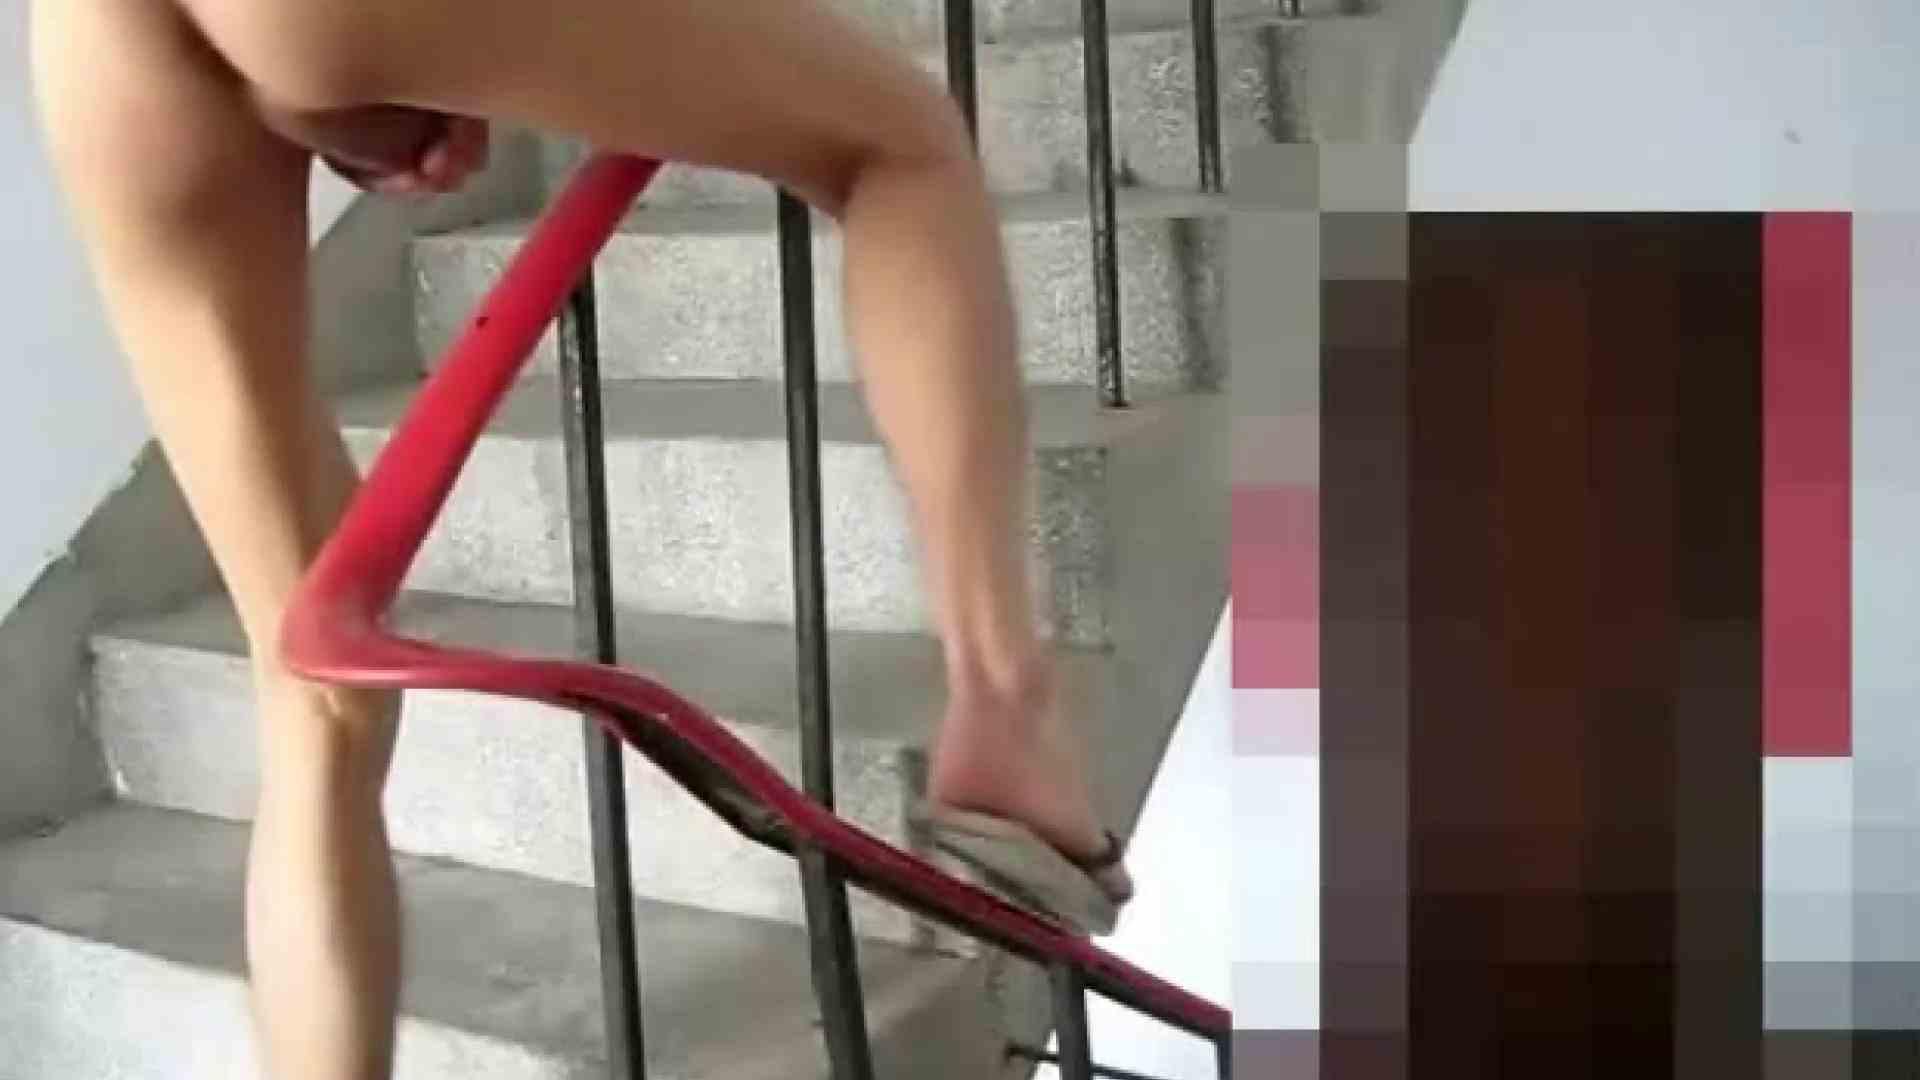 階段オナニー オナニー   モザイク無し アダルトビデオ画像キャプチャ 95pic 67